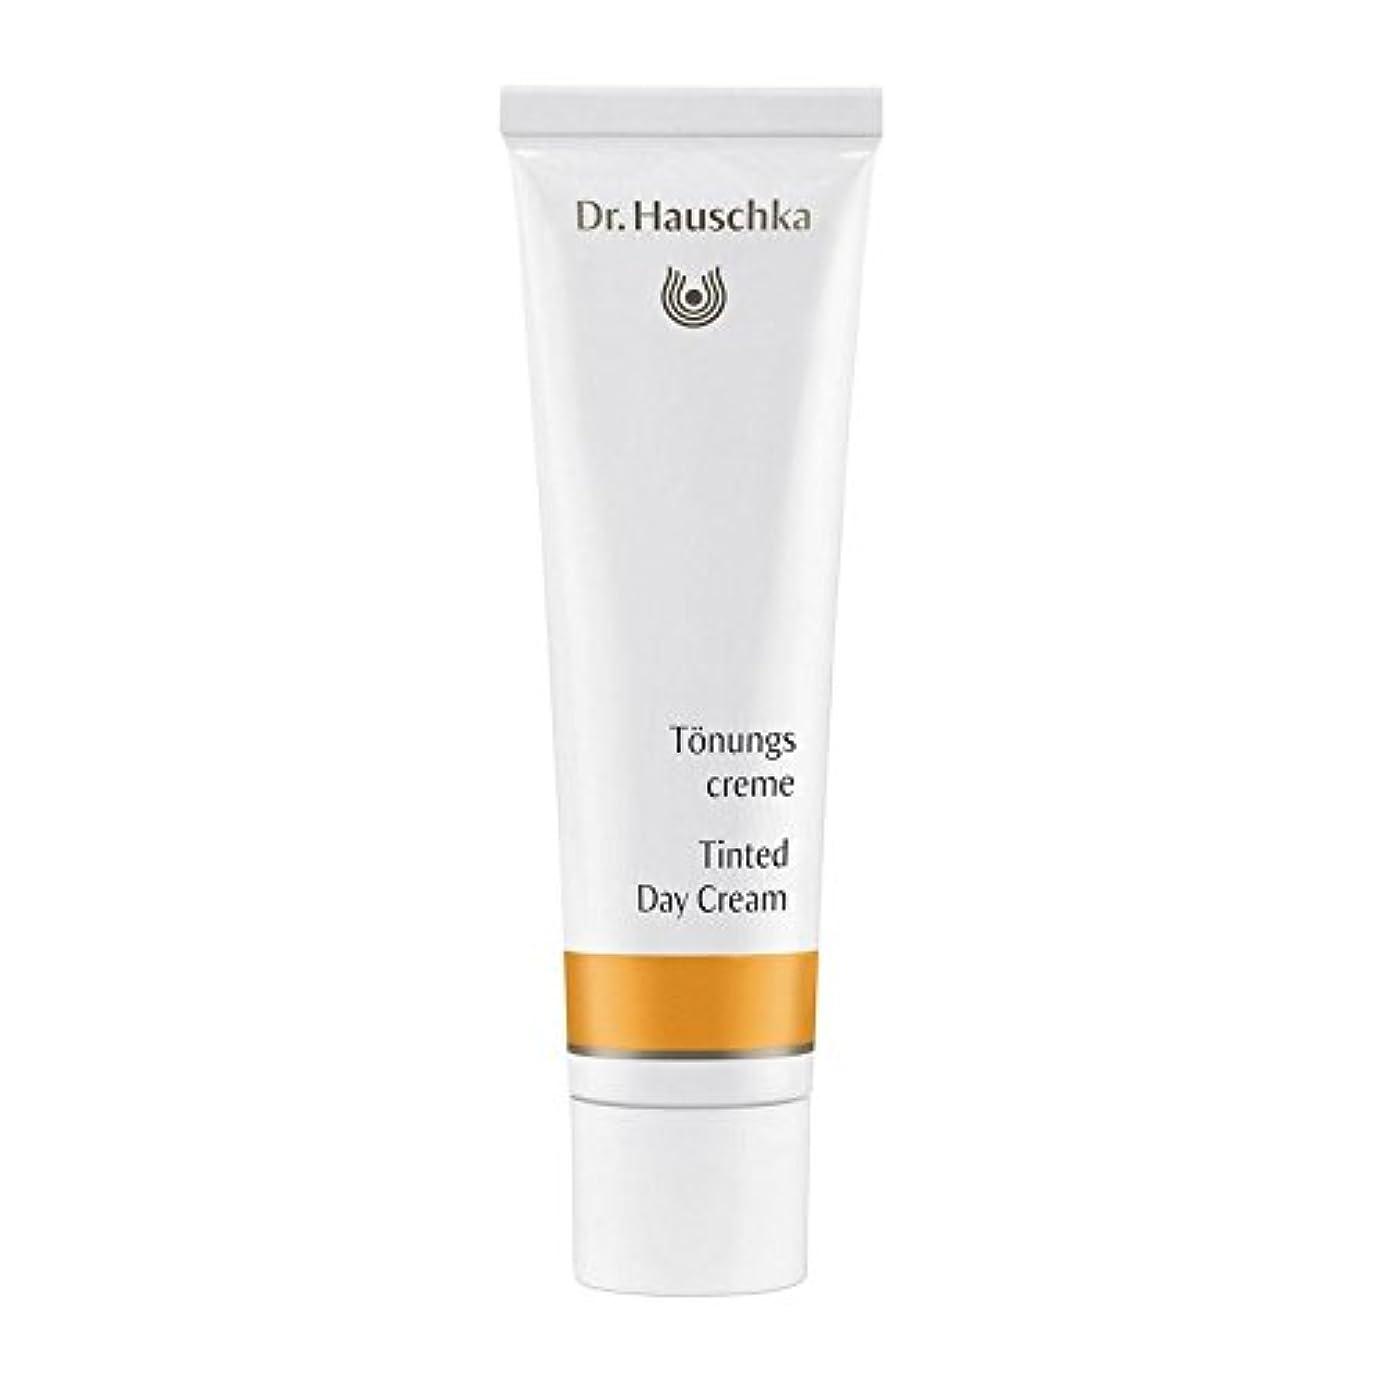 データウェーハ飛躍ハウシュカ着色デイクリーム30 x4 - Dr. Hauschka Tinted Day Cream 30ml (Pack of 4) [並行輸入品]